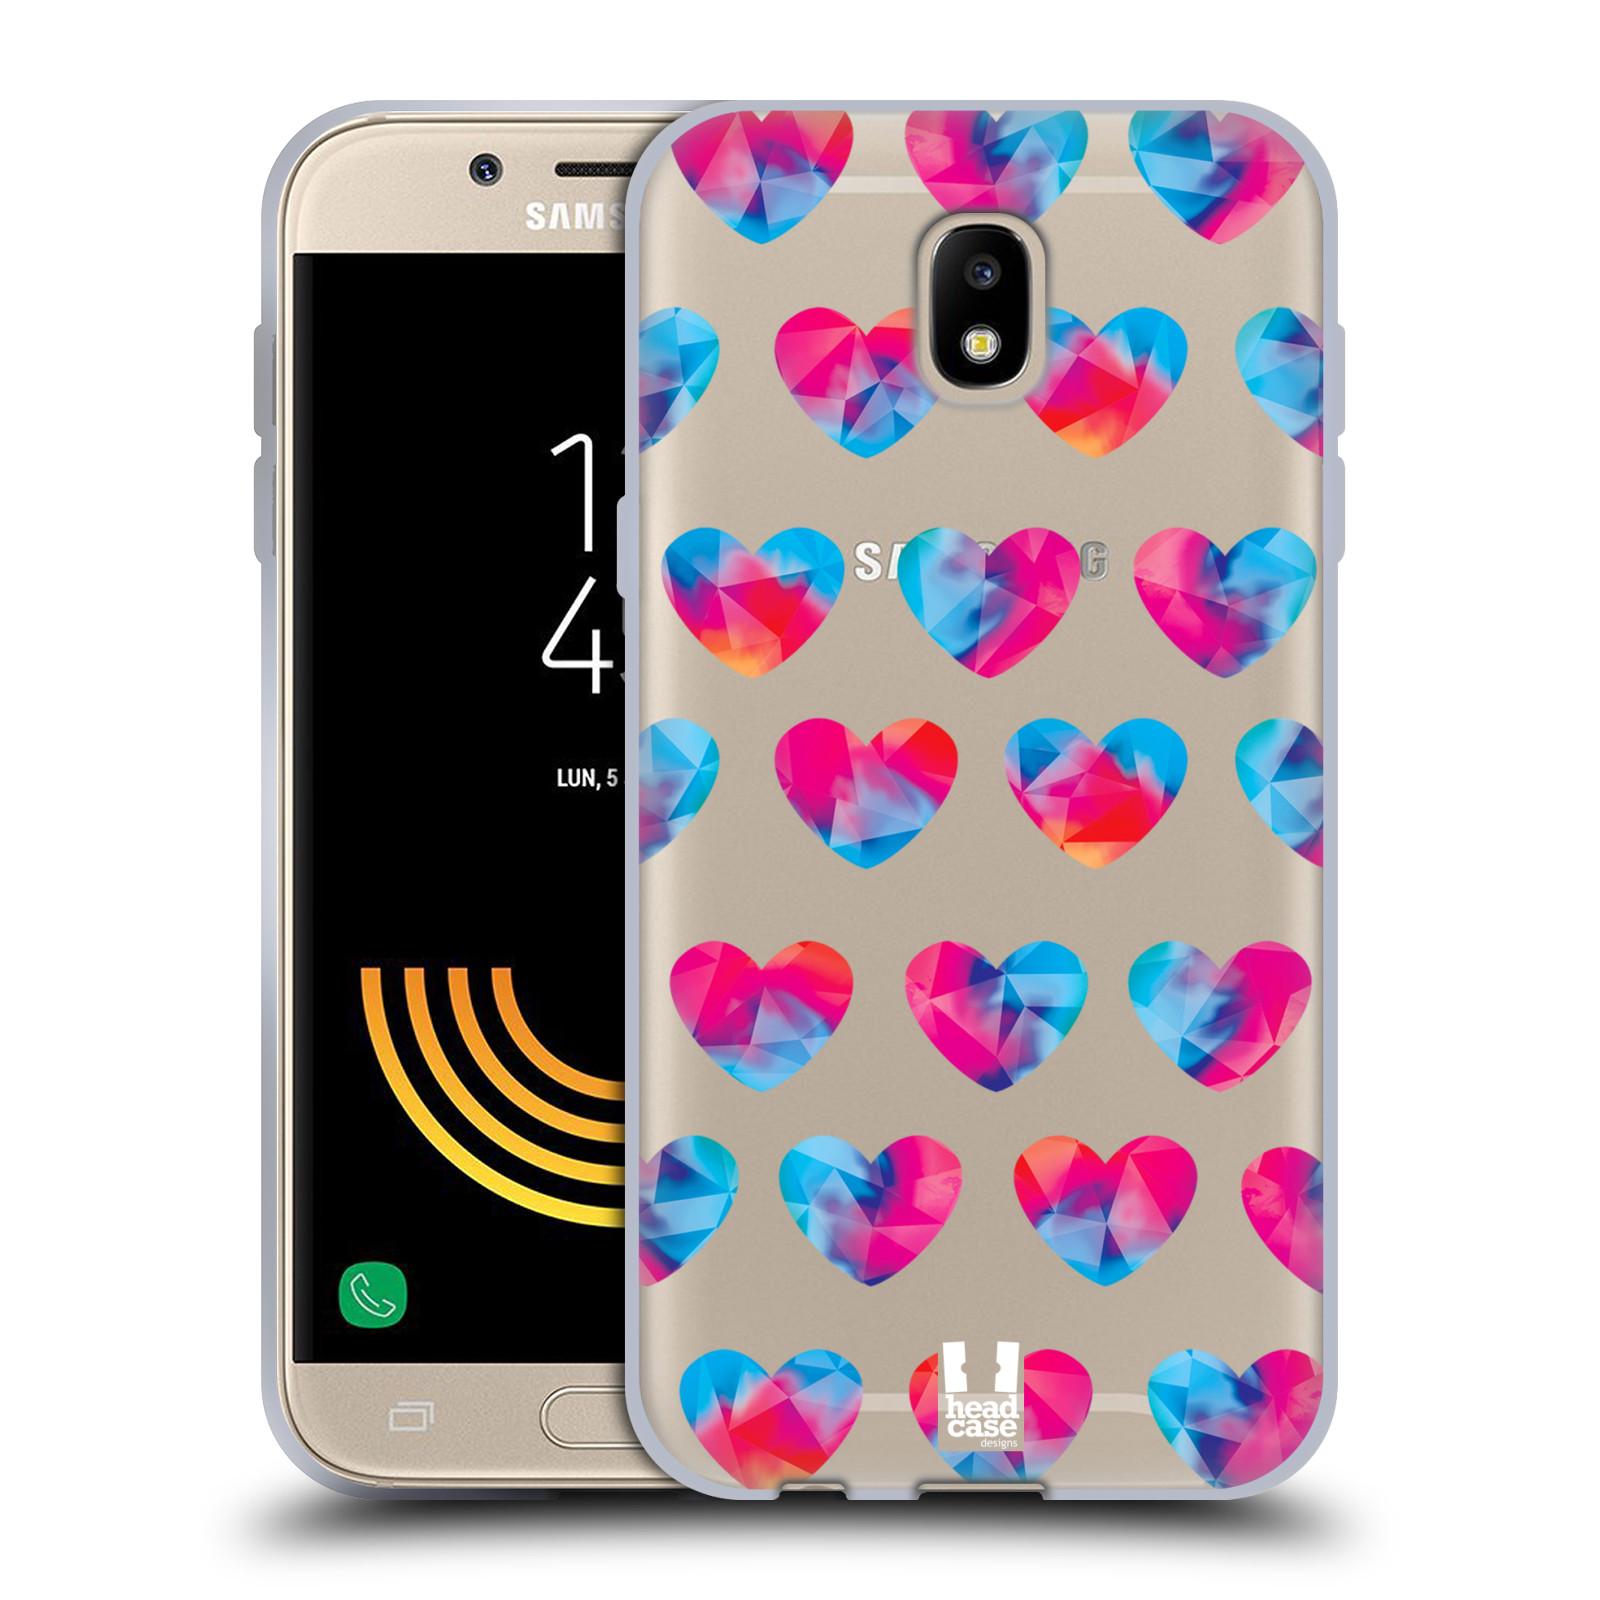 Silikonové pouzdro na mobil Samsung Galaxy J5 (2017) - Head Case - Srdíčka hrající barvami